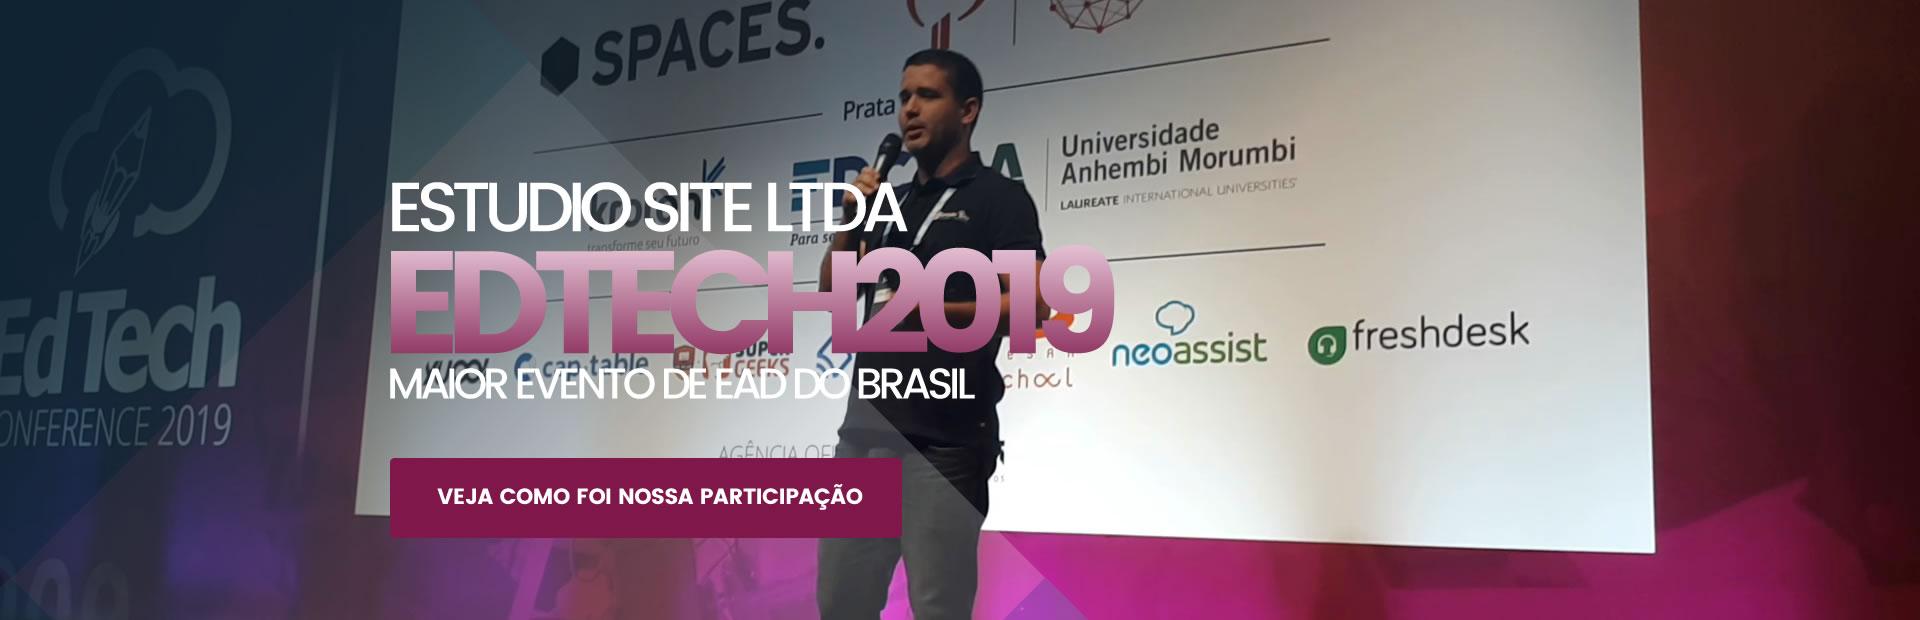 A agência de desenvolvimento de software Estúdio Site Ltda possui mais de dez anos de expertise na criação e implantação de projetos de educação a distância no Brasil e também fora do país, temos a equipe completa para que sua Instituição possa iniciar ou aprimorar seu ensino online.